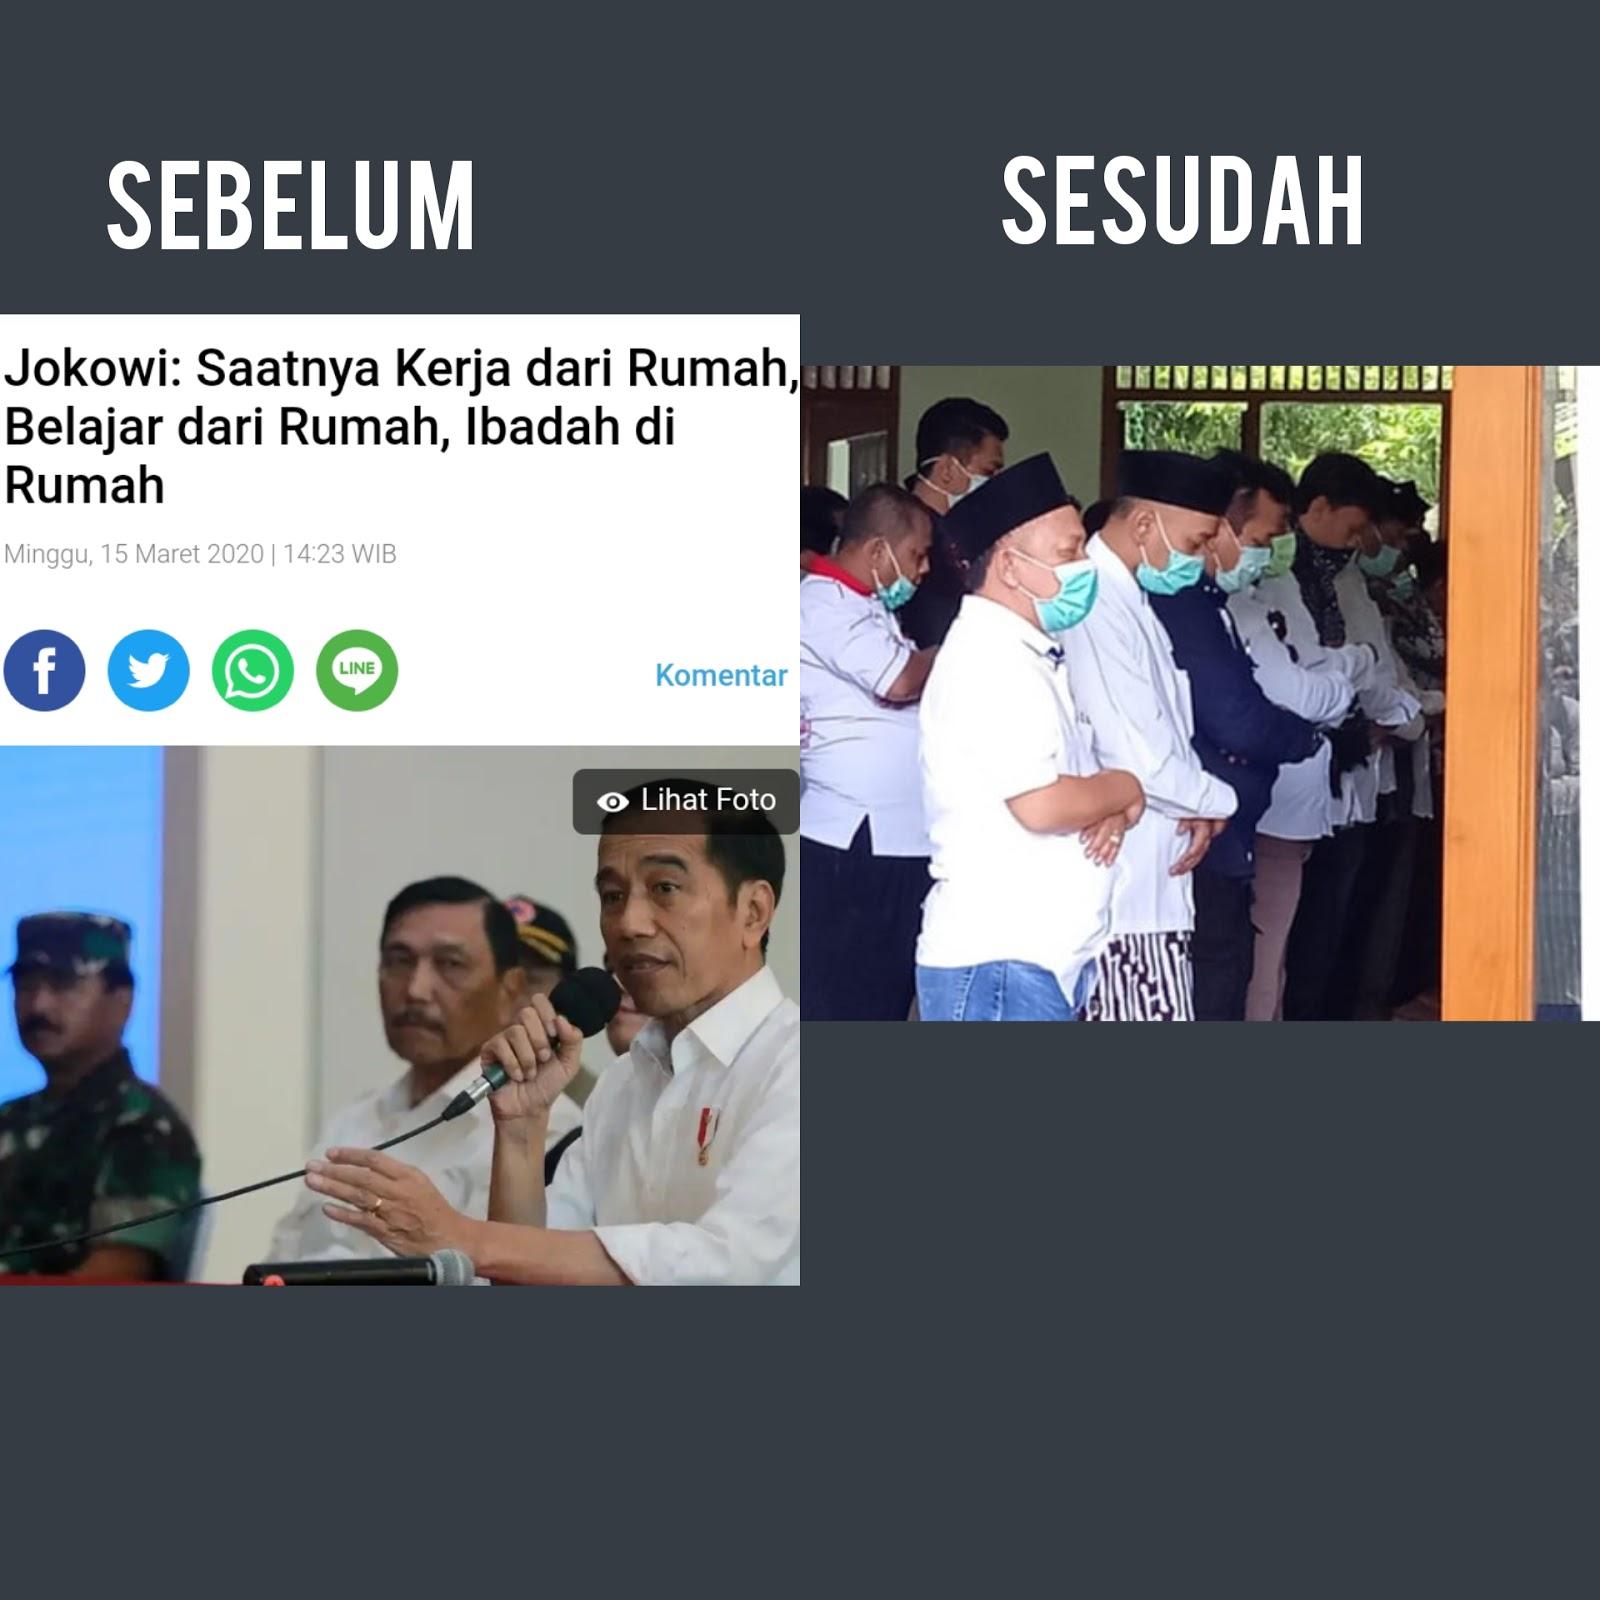 Galakkan Ibadah di Rumah Saja, Jokowi Tetap Sholatkan Jenazah Ibunya di Masjid